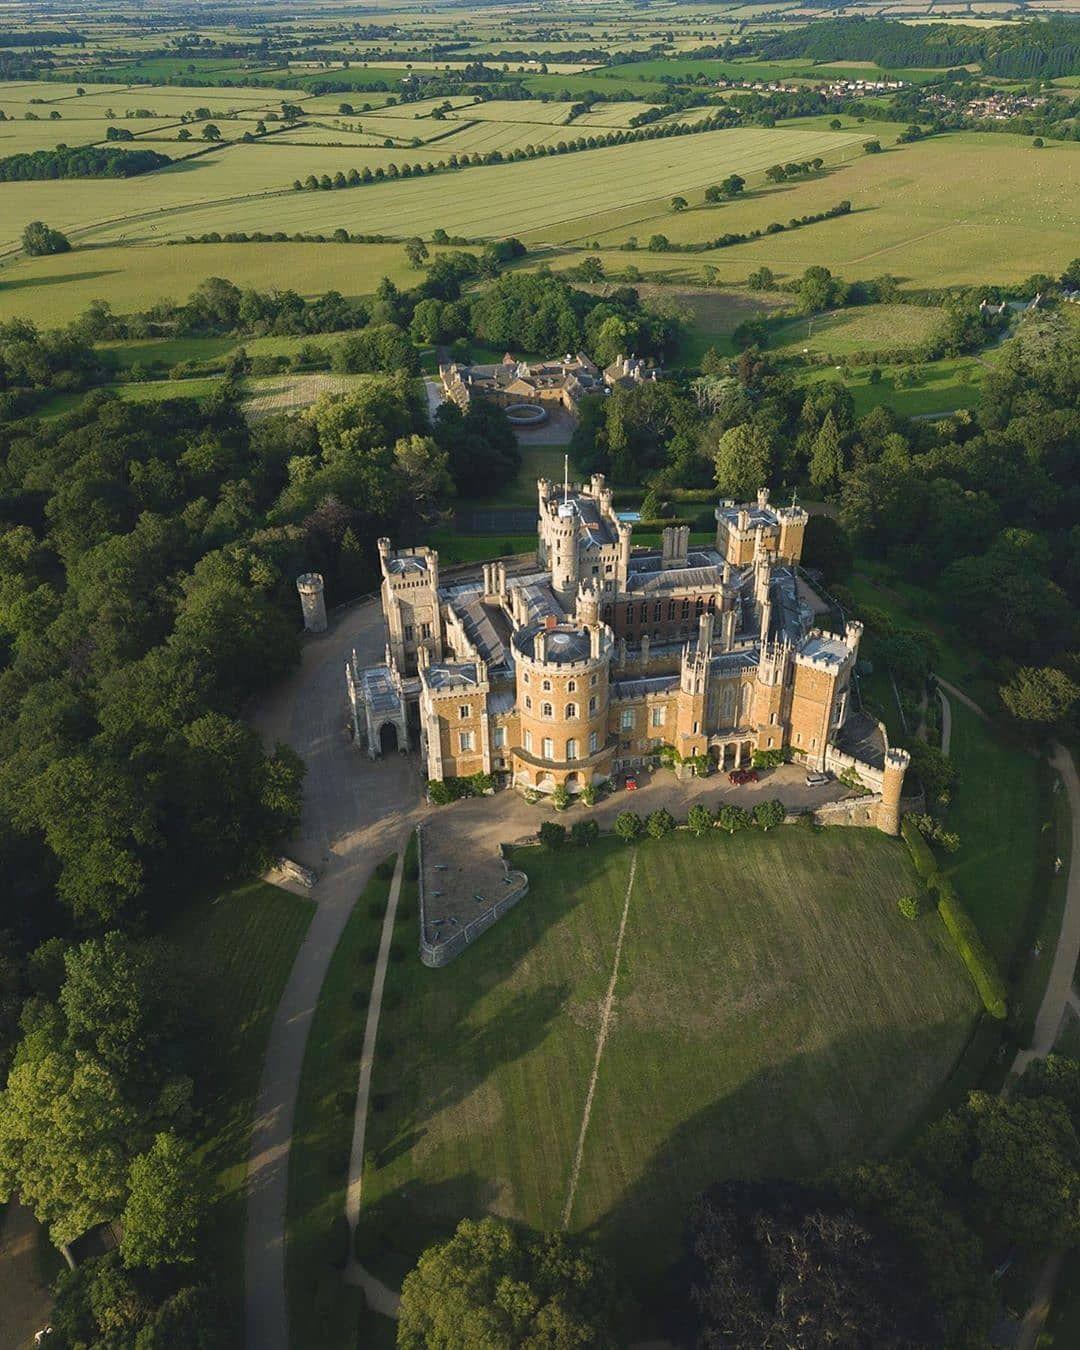 Kastil Belvoir di Leicestershire menjadi lokasi syuting utama untuk The Crown Netflix. Didirikan di puncak bukit di Vale of Belvoir, benteng pertahanan abad ke-19 sangat menakjubkan dan memiliki keindahan di luar dan di dalamnya.